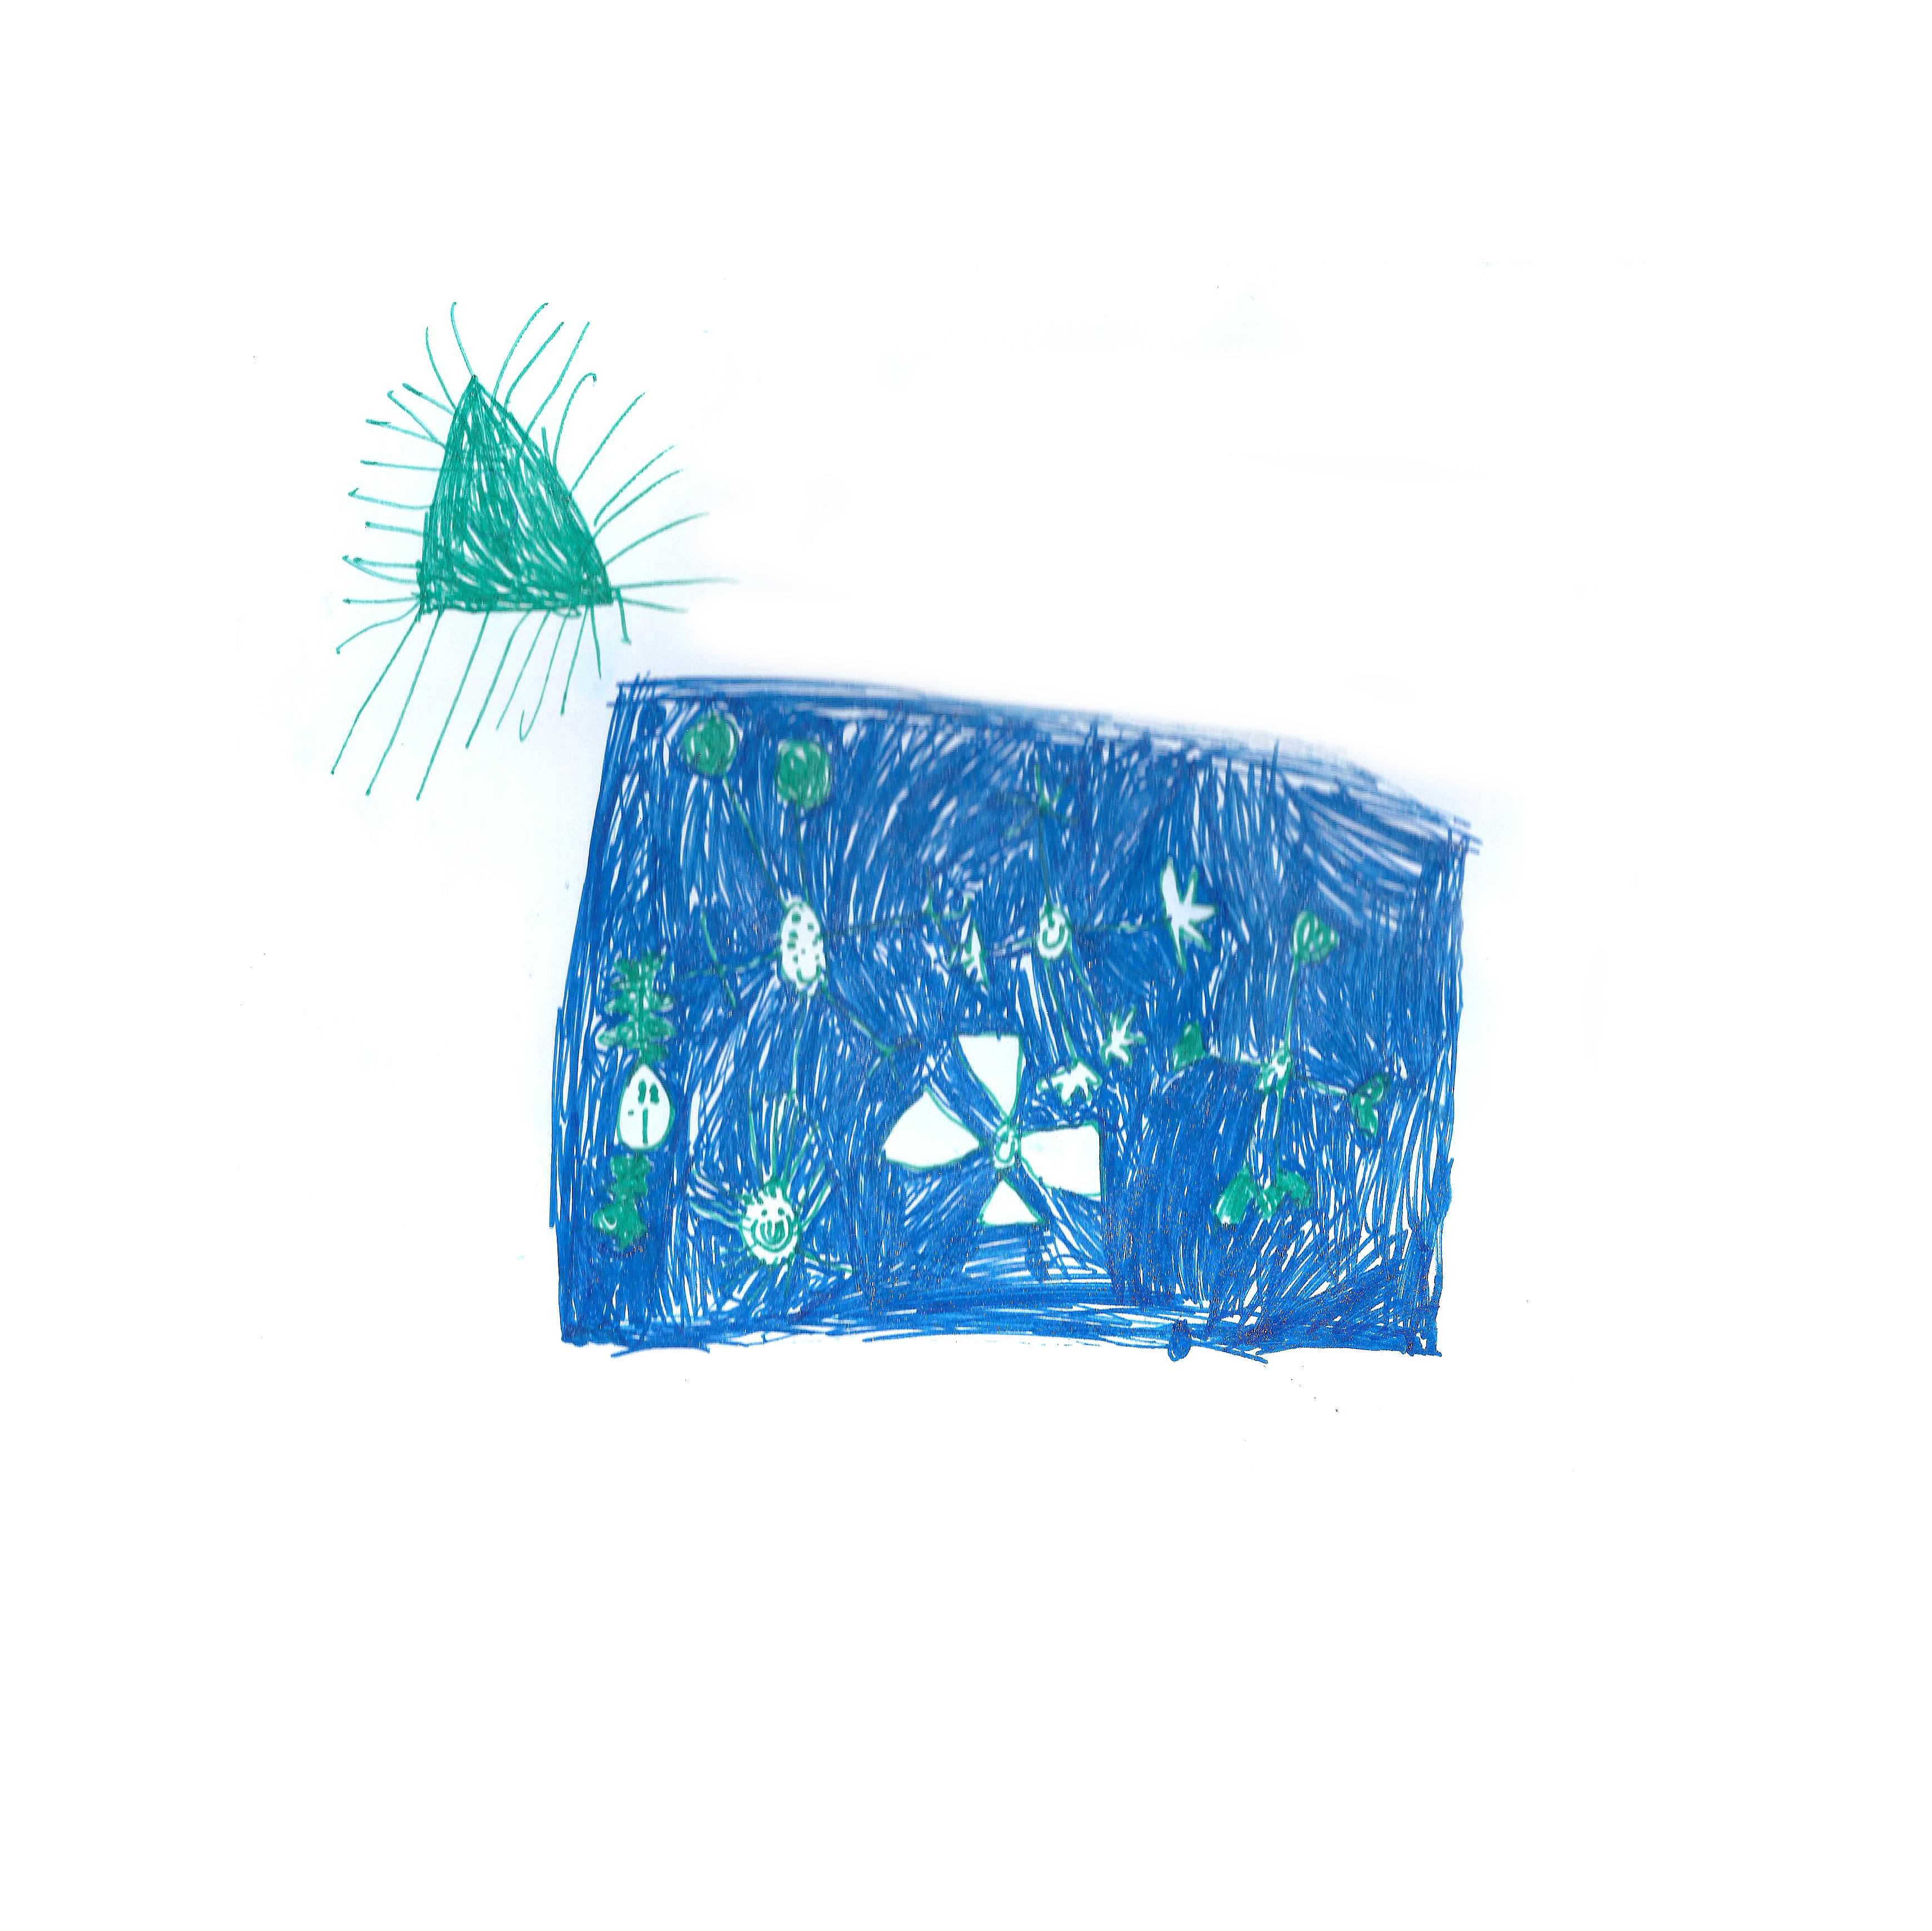 שינוני by Rotem Omri - Illustrated by אלעד רותם יחד עם אמיתי ומיכאל - Ourboox.com